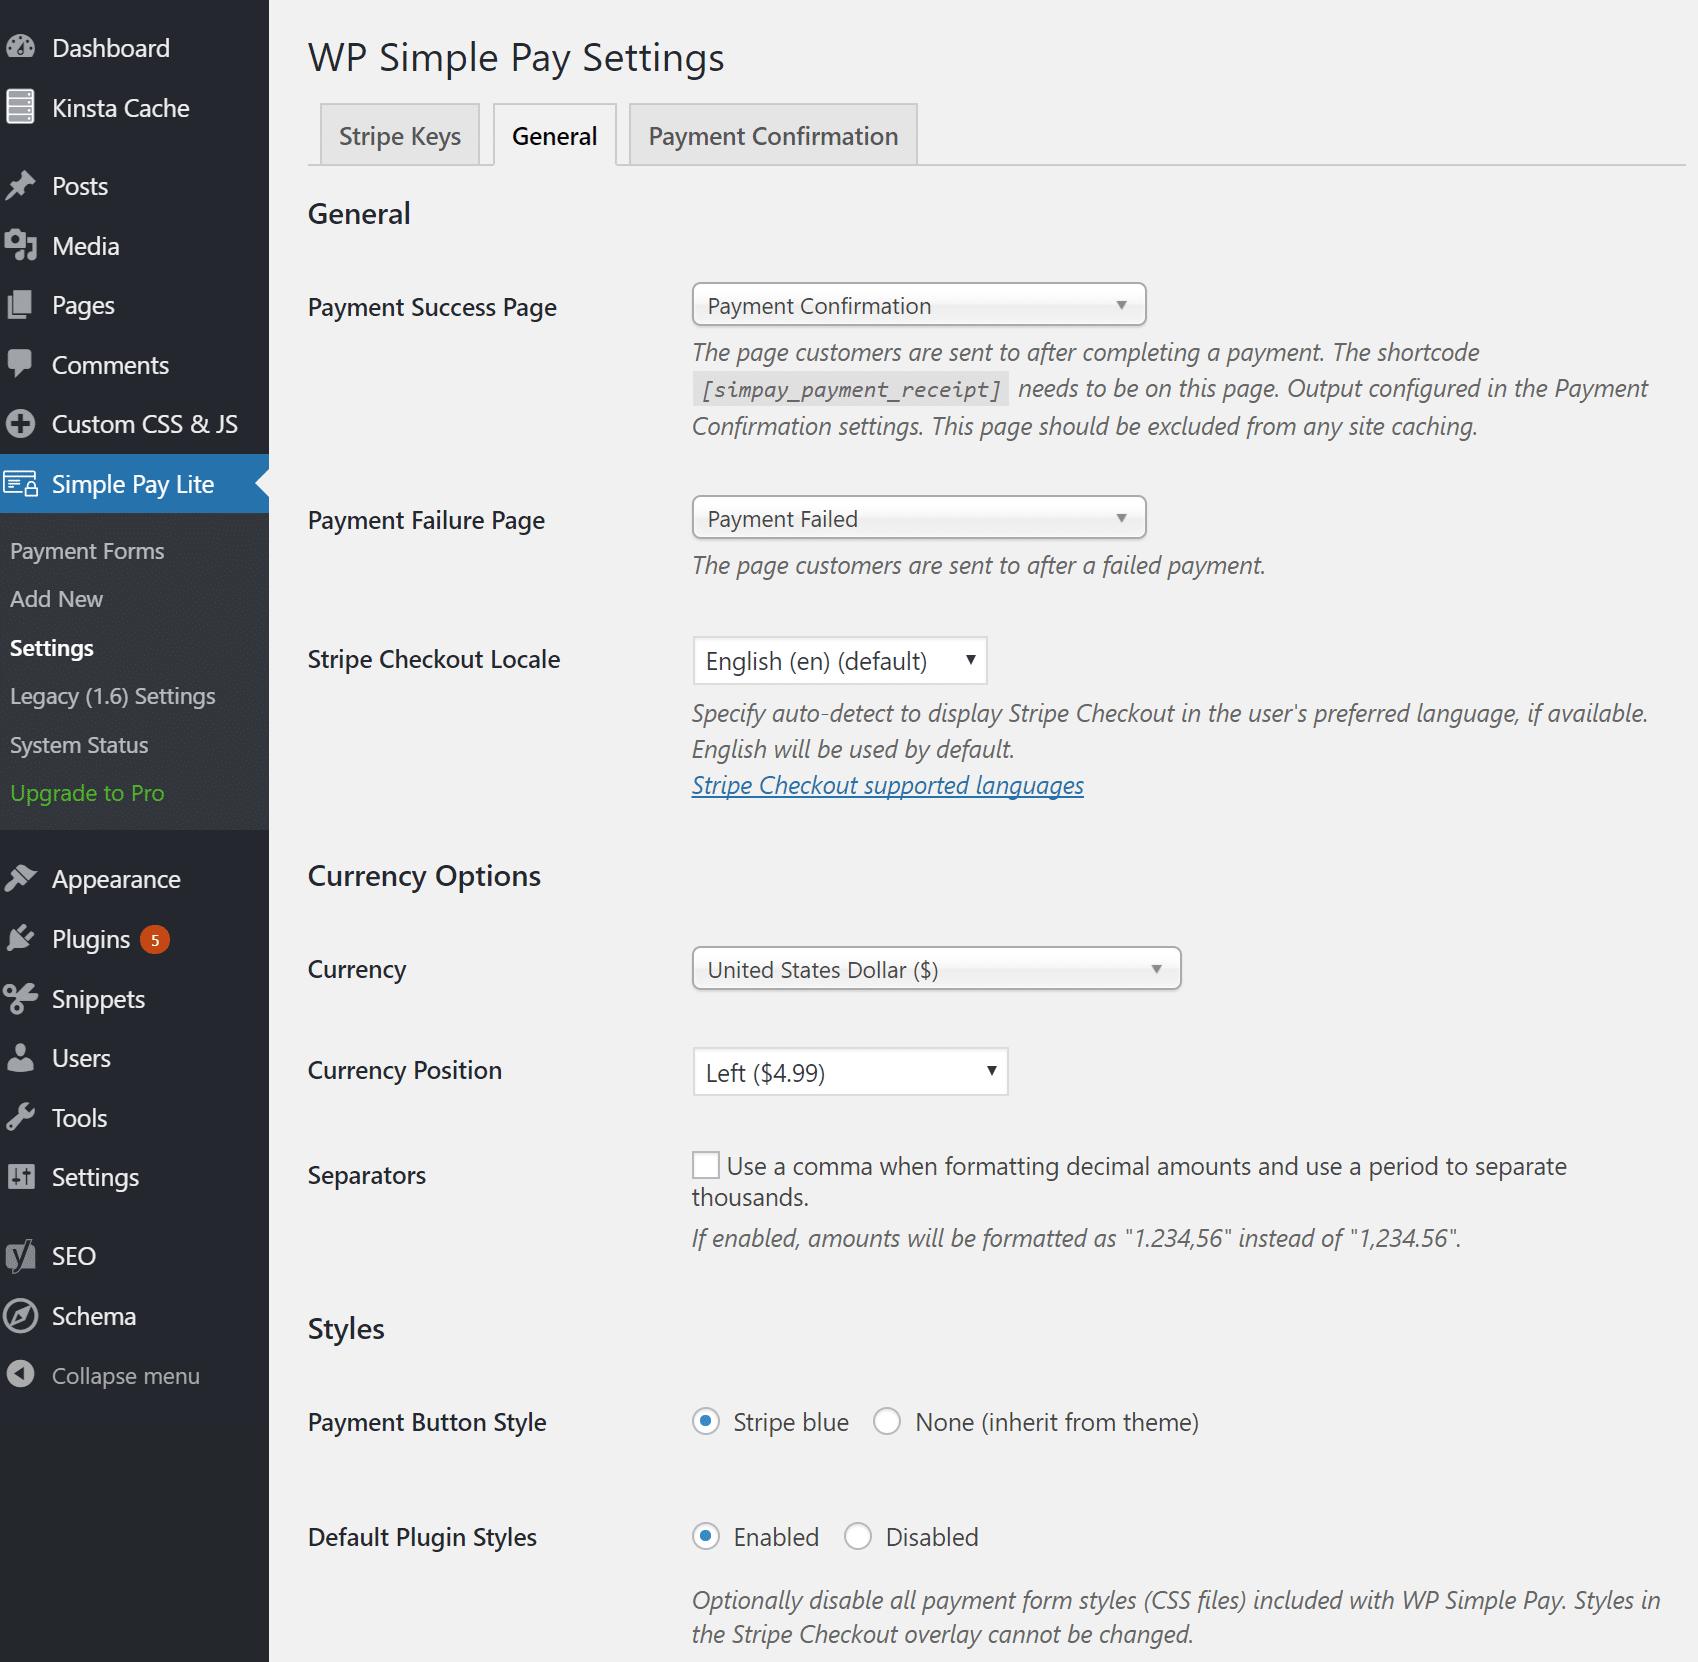 Opciones de pago simple de WP